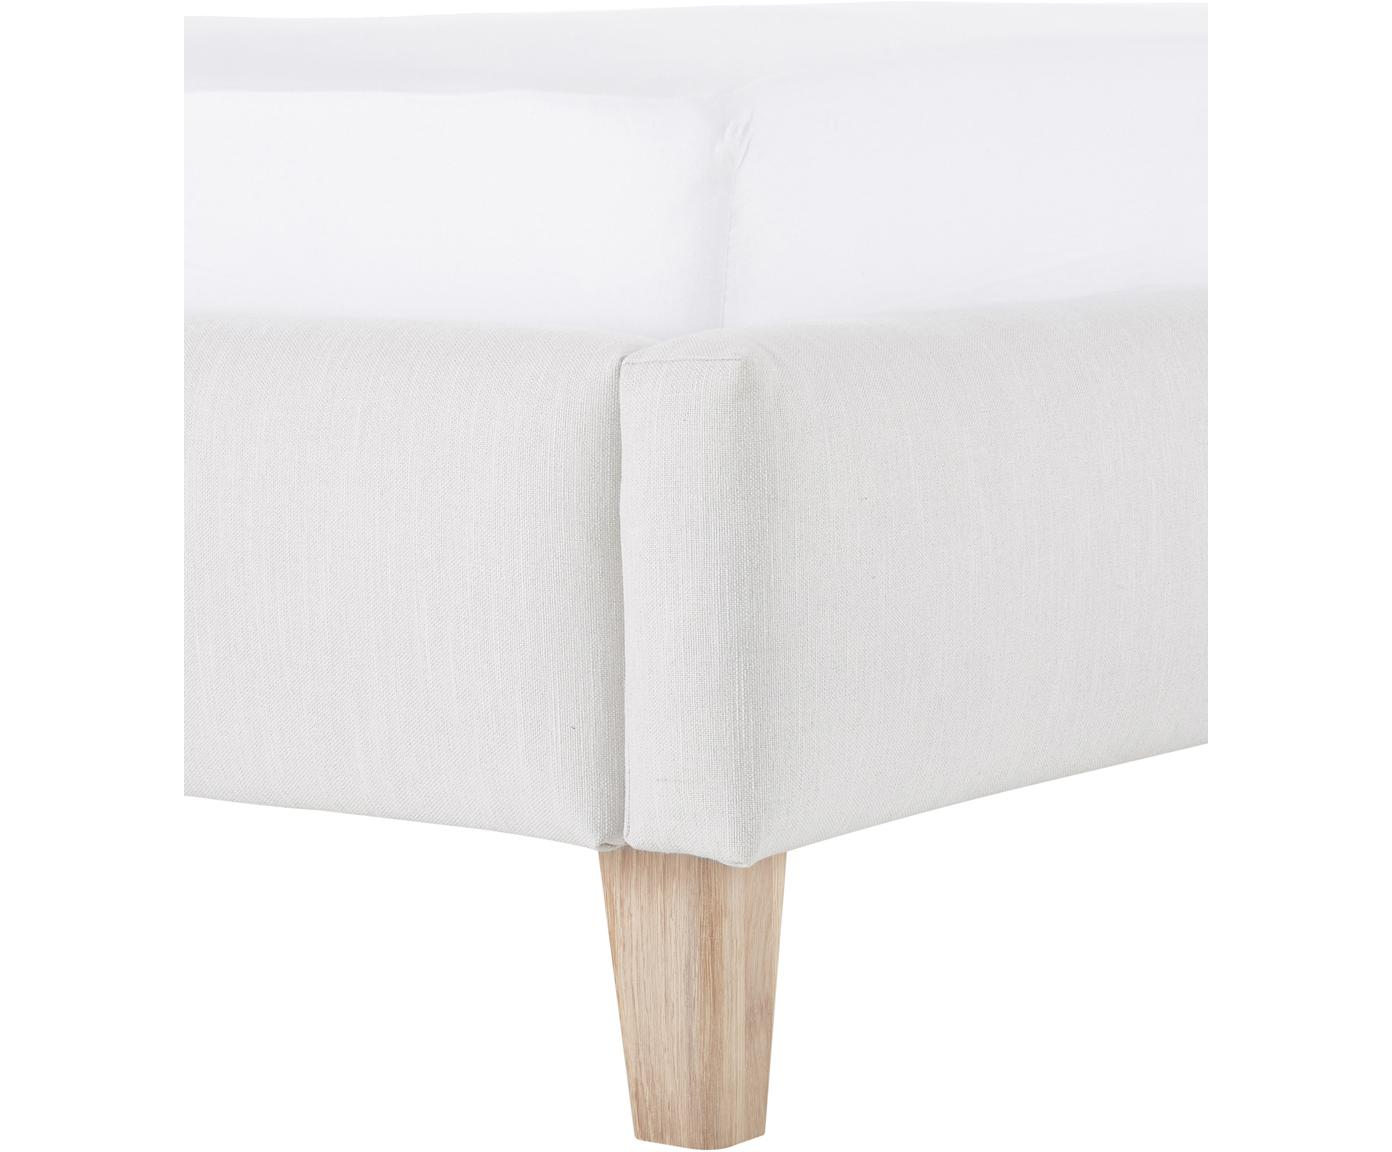 Letto matrimoniale imbottito Serene, Piedini: legno di quercia massicci, Rivestimento: Poliestere (tessuto strut, Tessuto grigio chiaro, 180 x 200 cm